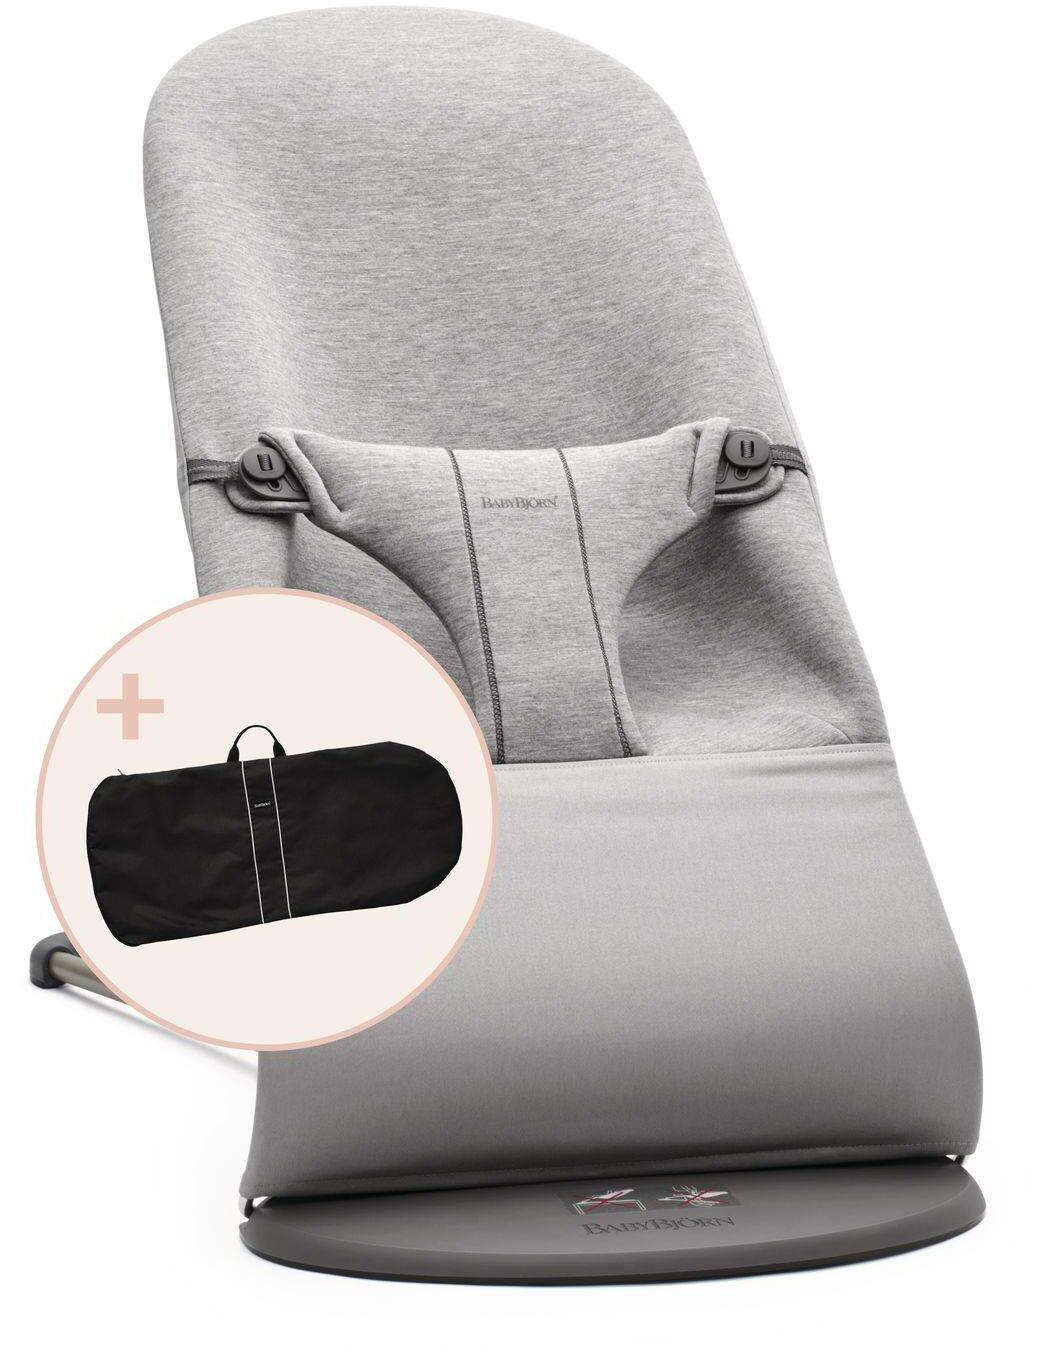 BABYBJORN - leżaczek BLISS 3D Jersey - Jasny Szary + pokrowiec na leżaczek